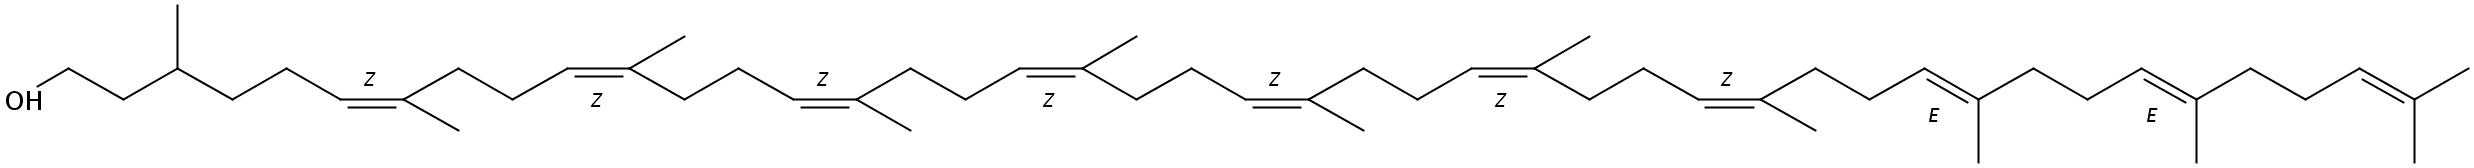 Structural formula of C55-Dolichol (Dolichol-11)